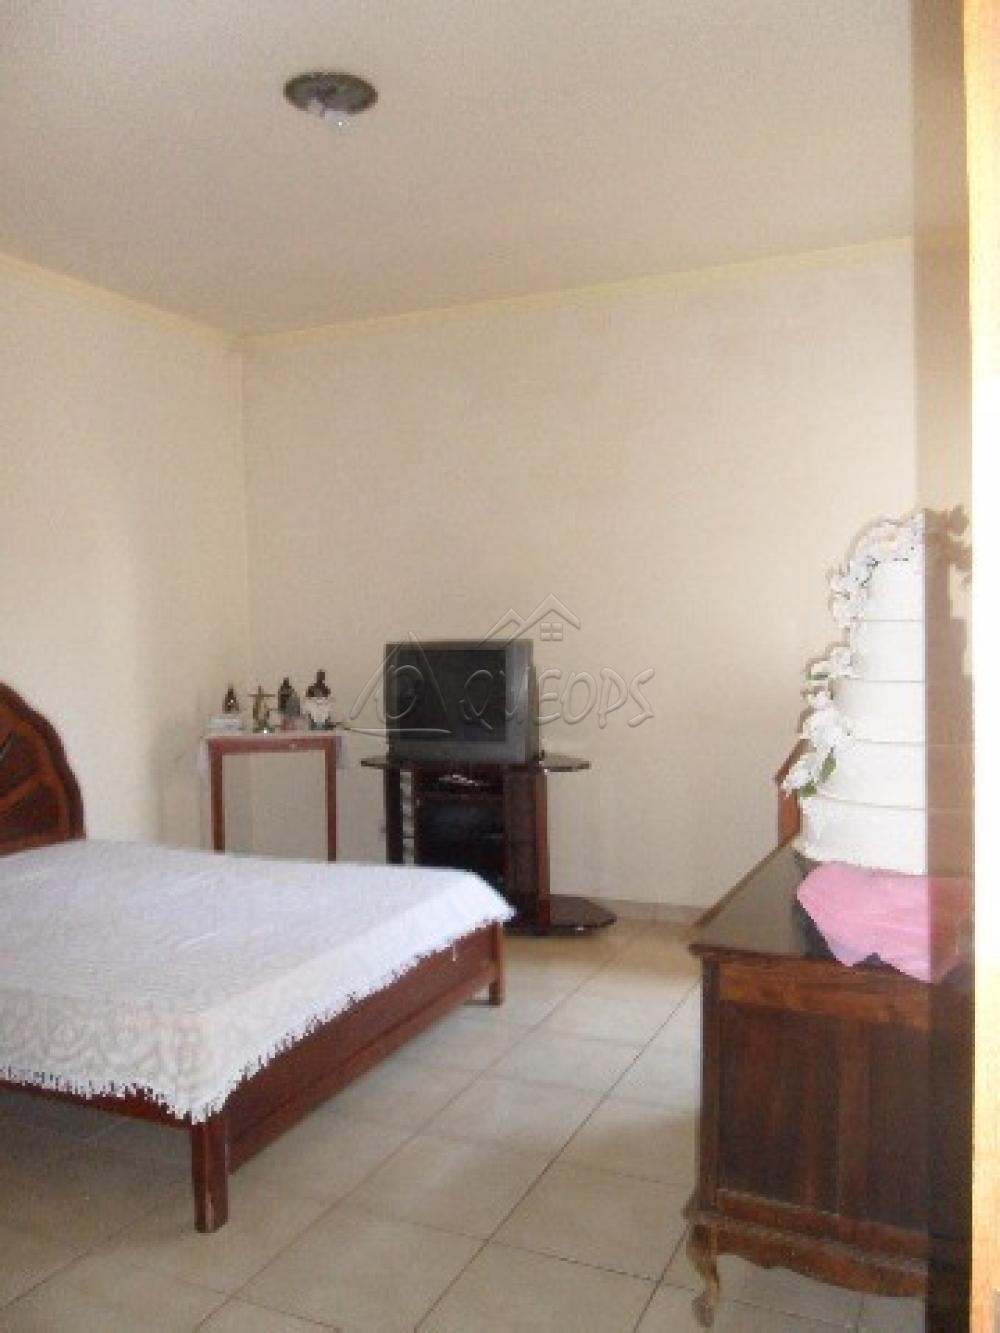 Comprar Comercial / Salão em Barretos apenas R$ 1.050.000,00 - Foto 12